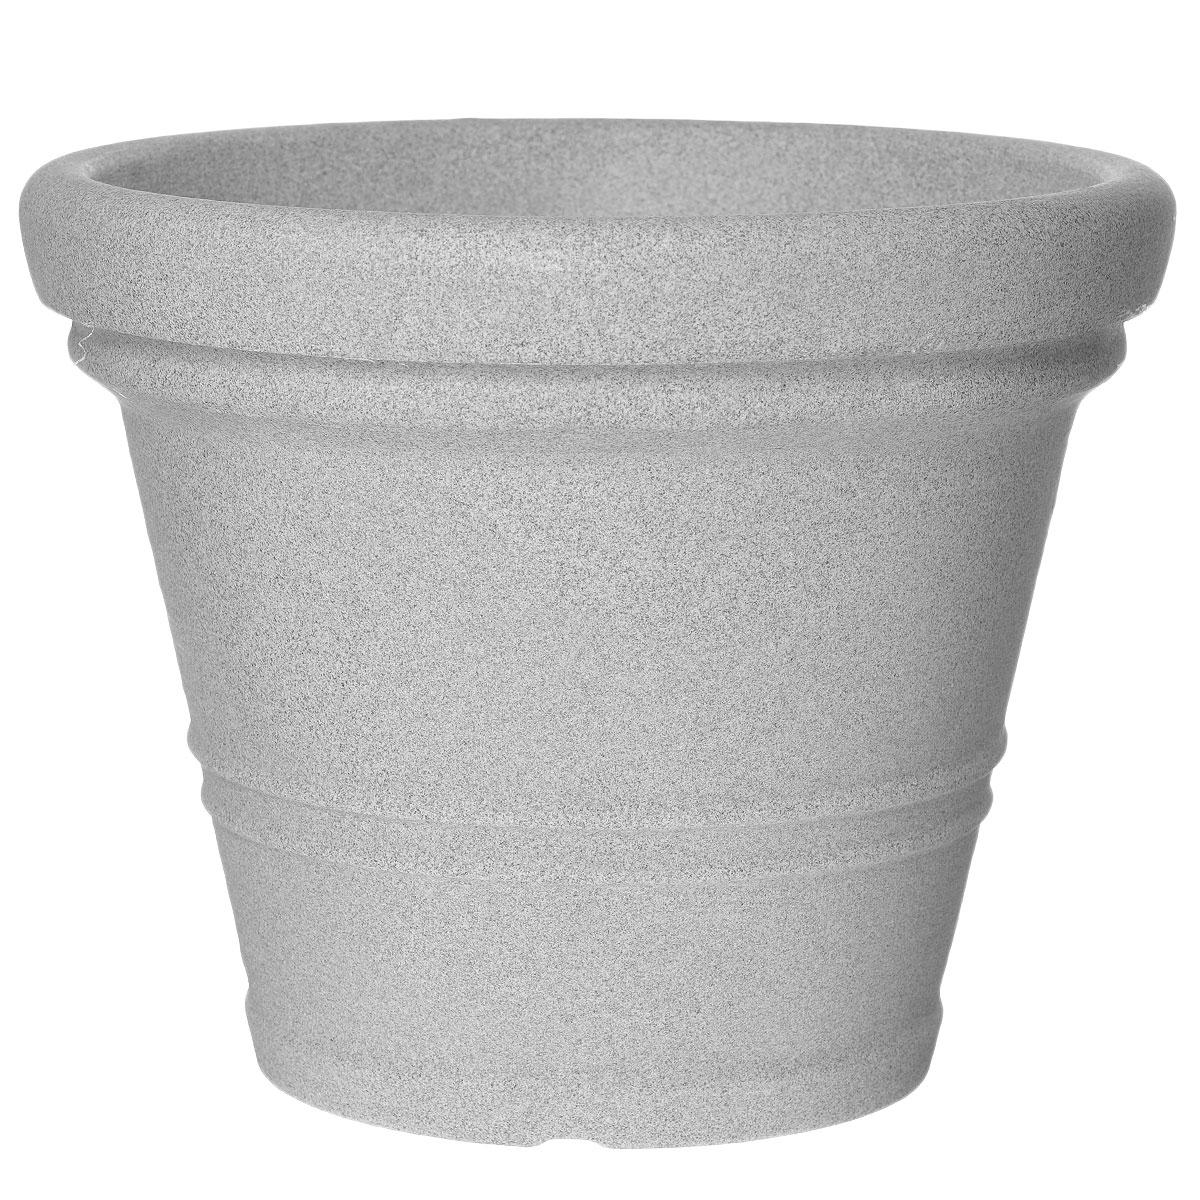 Кашпо для цветов Scheurich, цвет: светло-серый, диаметр 45 смZ-0307Кашпо для цветов Scheurich выполнено из прочного пластика. Изделие предназначено для установки внутрь цветочных горшков с растениями.Такие изделия часто становятся последним штрихом, который совершенно изменяет интерьер помещения или ландшафтный дизайн сада. Благодаря такому кашпо вы сможете украсить вашу комнату, офис, сад и другие места.Диаметр: 45 см.